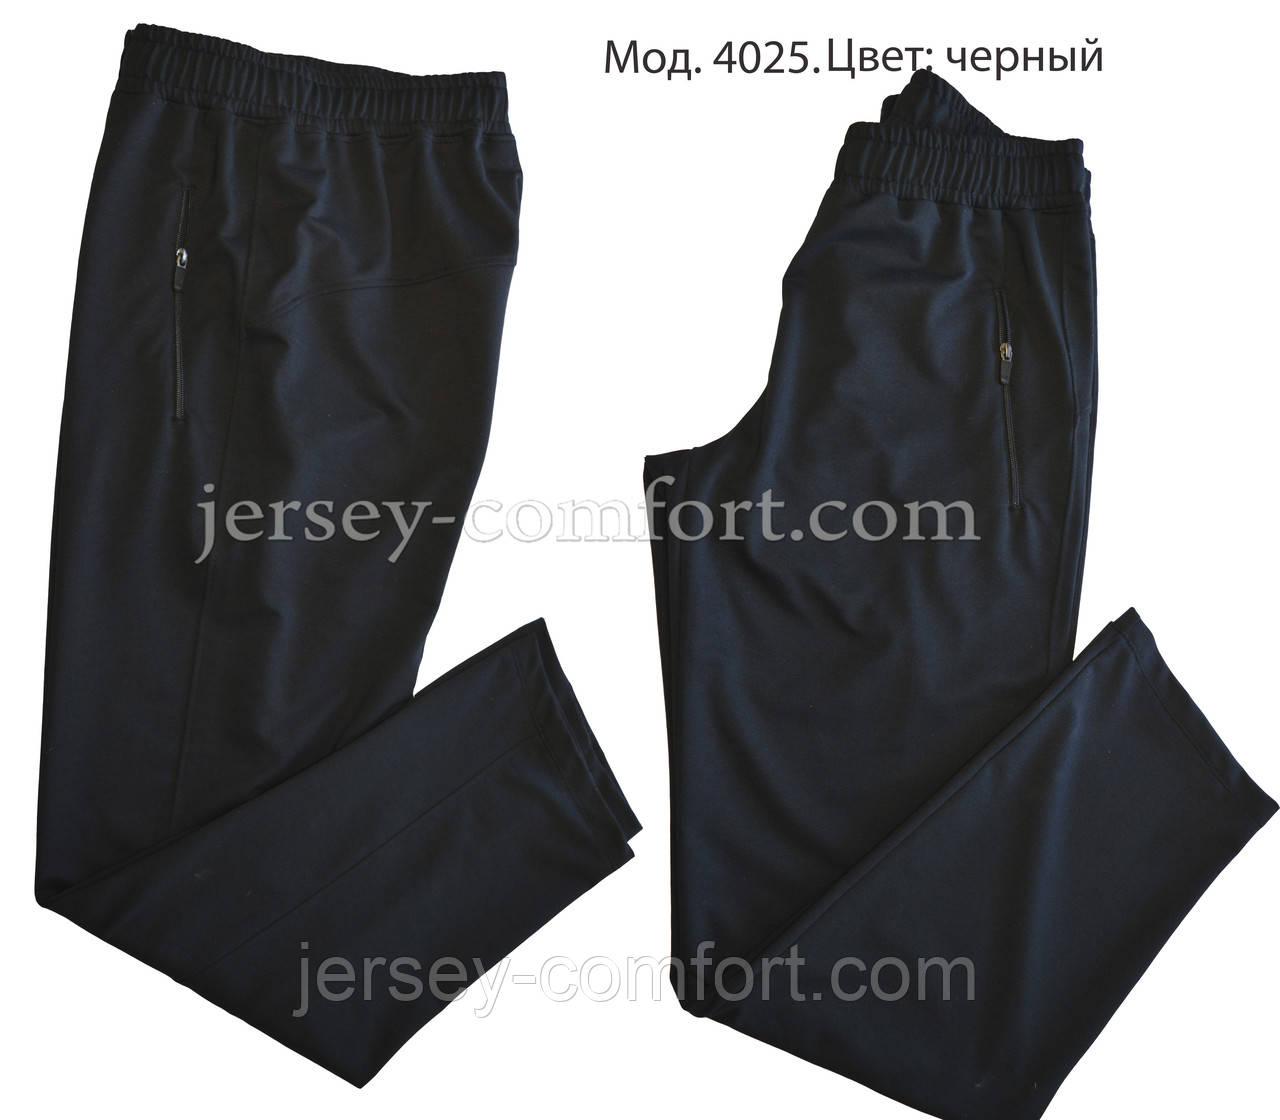 Брюки мужские спортивные. Брюки трикотаж, мужские. Спортивные брюки мужские., фото 1